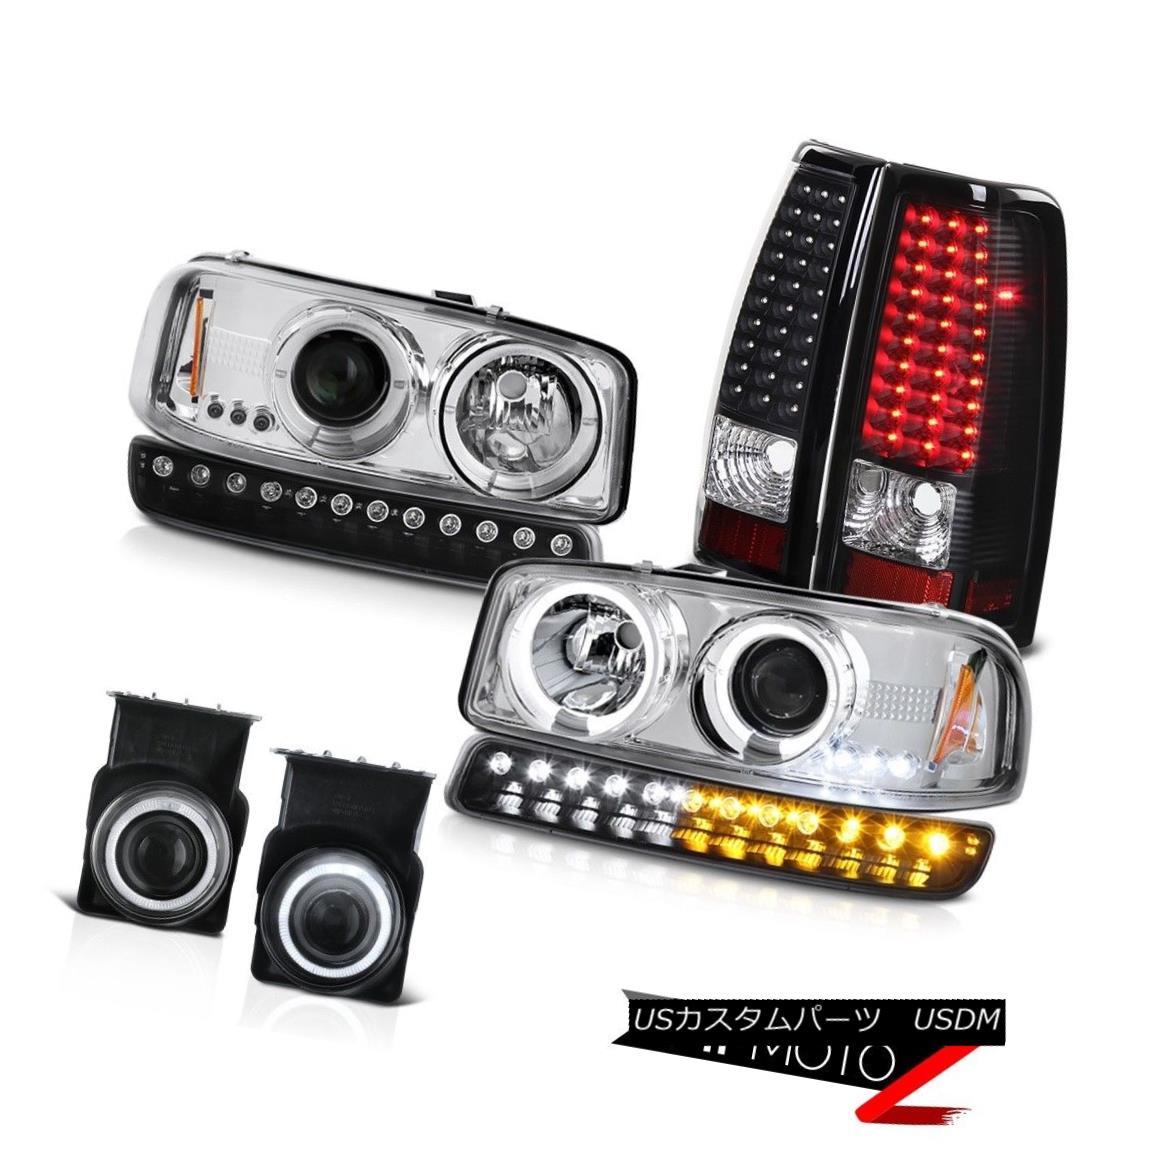 テールライト 03-06 Sierra 6.6L Chrome fog lamps led tail parking light Headlights Halo Ring 03-06シエラ6.6Lクロームフォグランプはテールパーキングライトを導いたヘッドライトハローリング